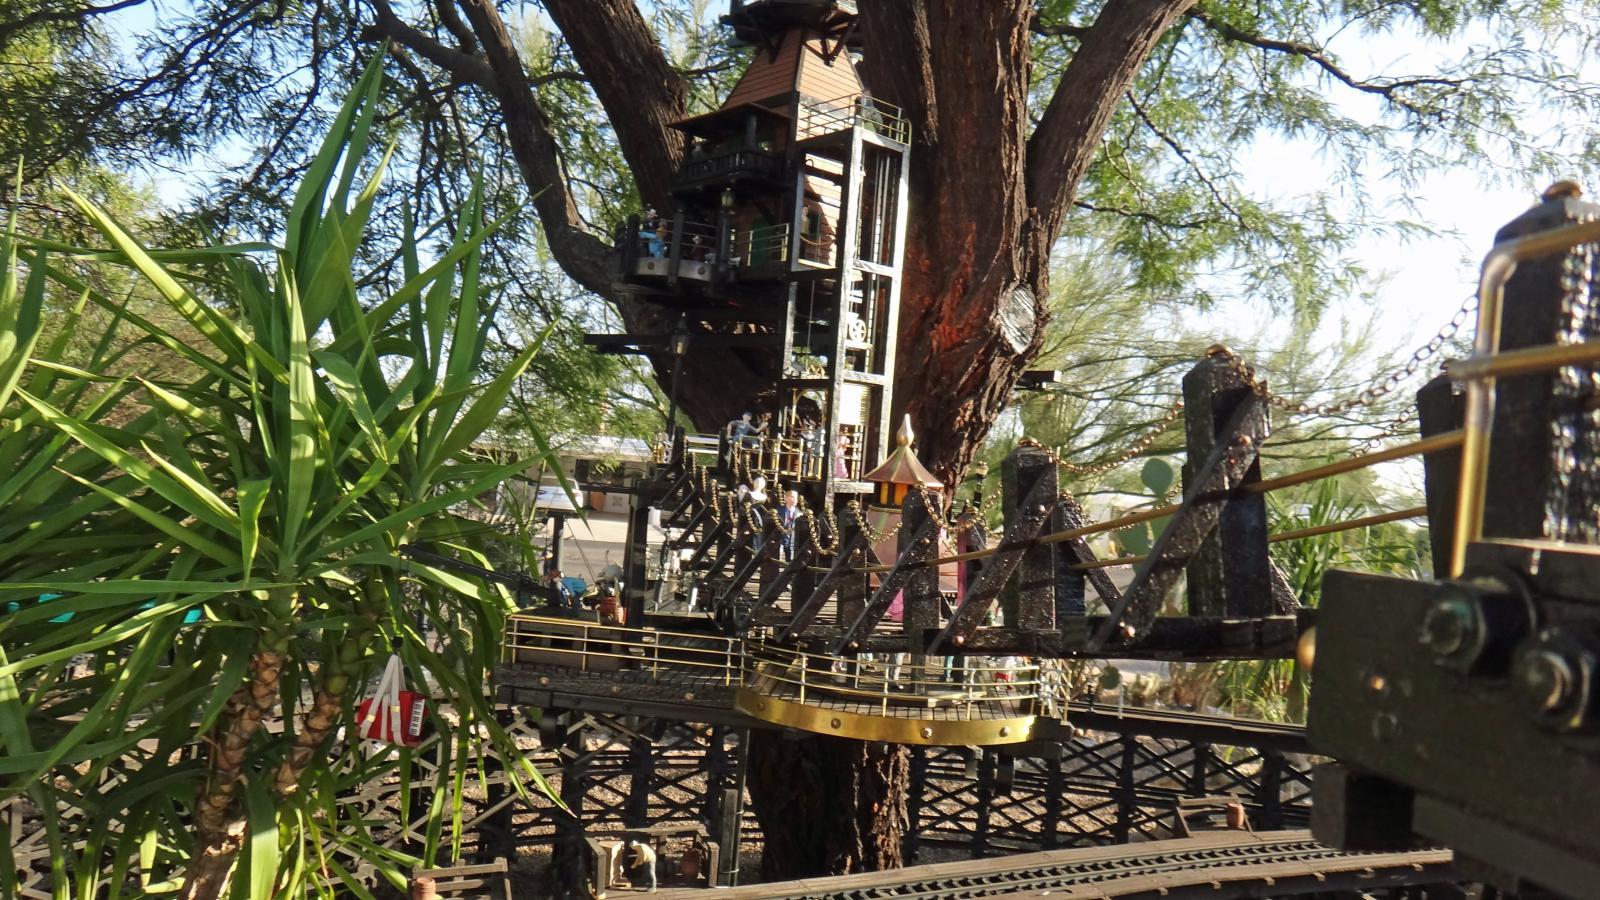 Garden Railway Treehouse Remodeled-45.JPG